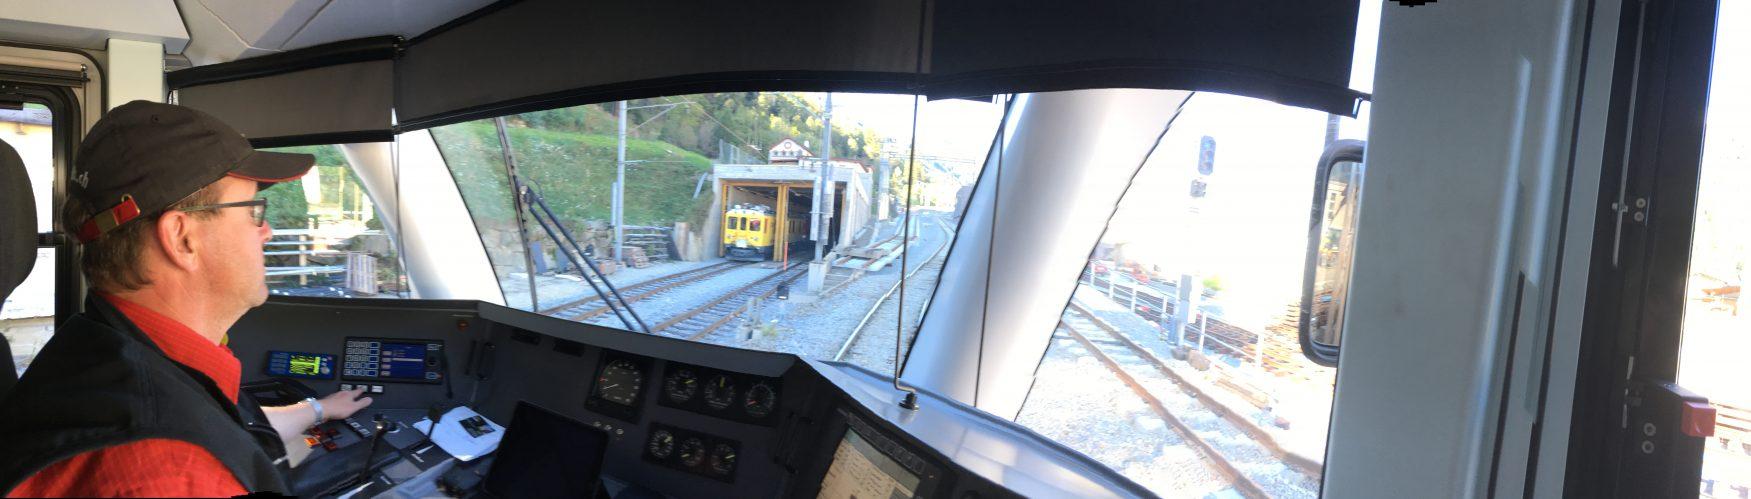 Volle Konzentration ist gefragt bei der Durchfahrt an Bahnhöfen oder Baustellen, Foto: Weirauch